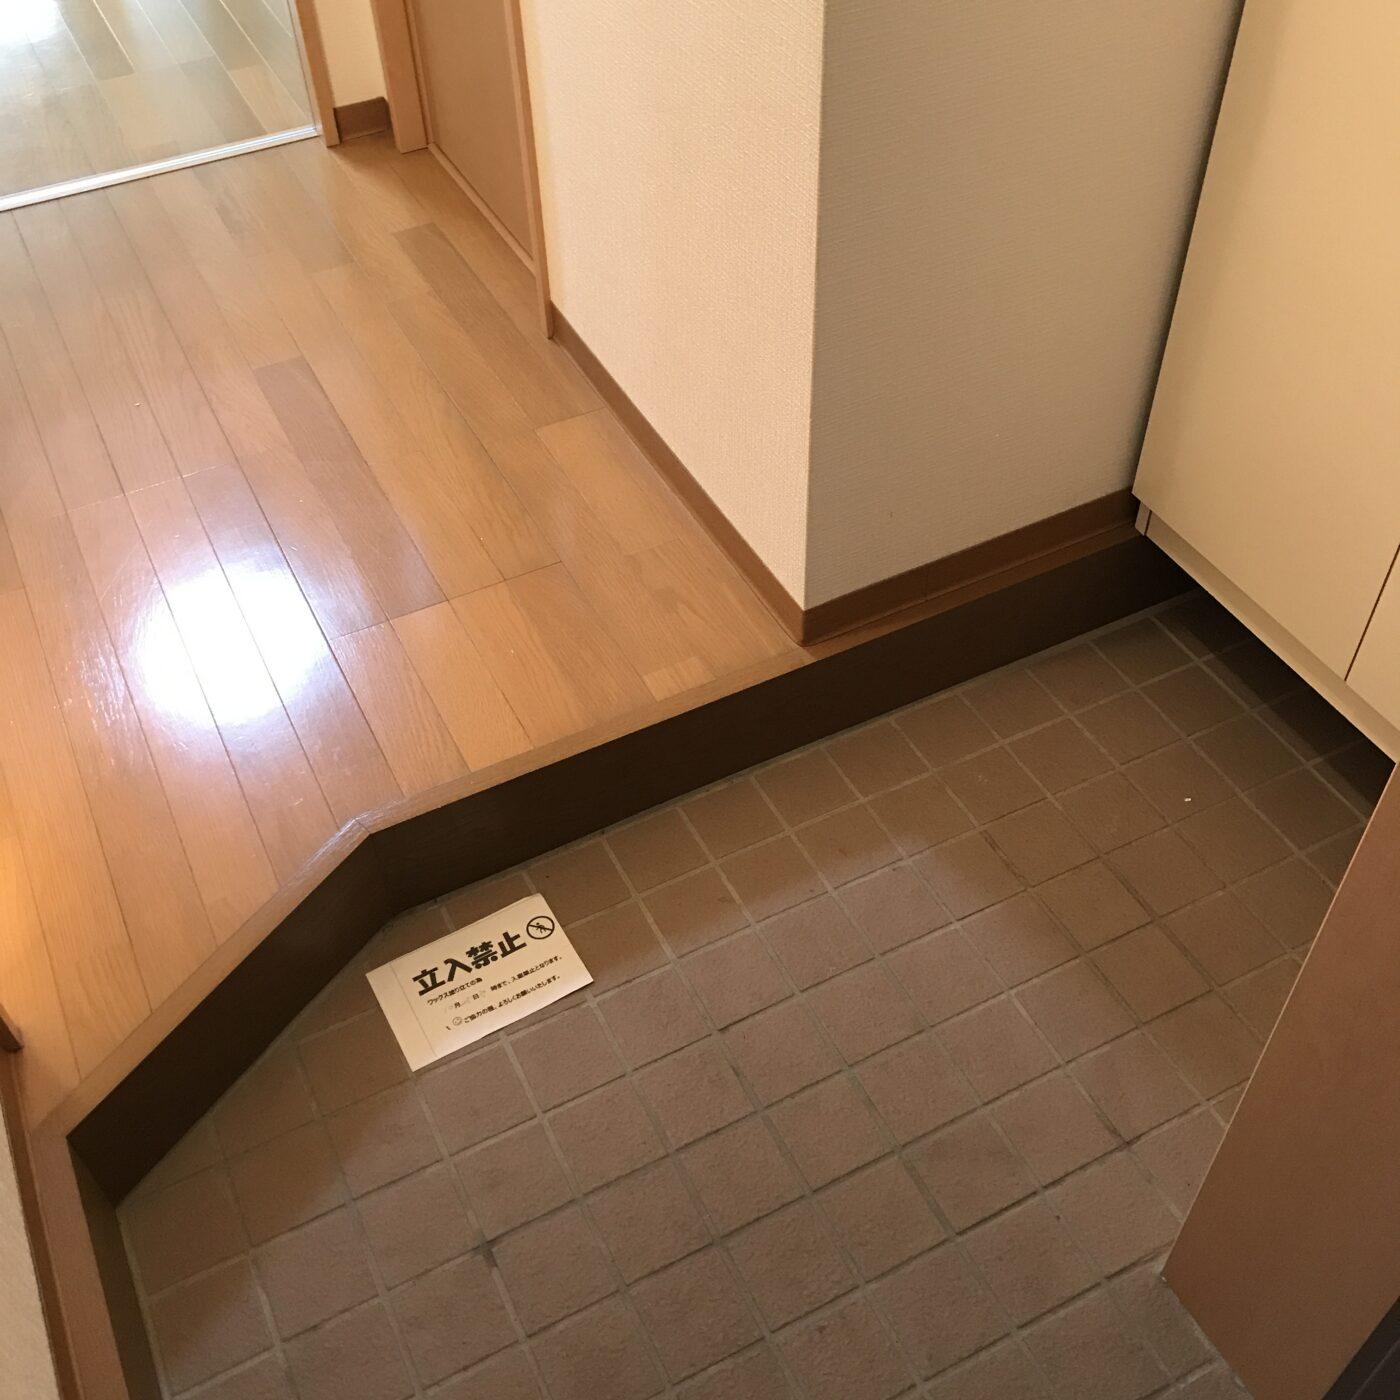 長崎大学 賃貸 学生専用 生協マンション Y'sマンション 内観 Aタイプ